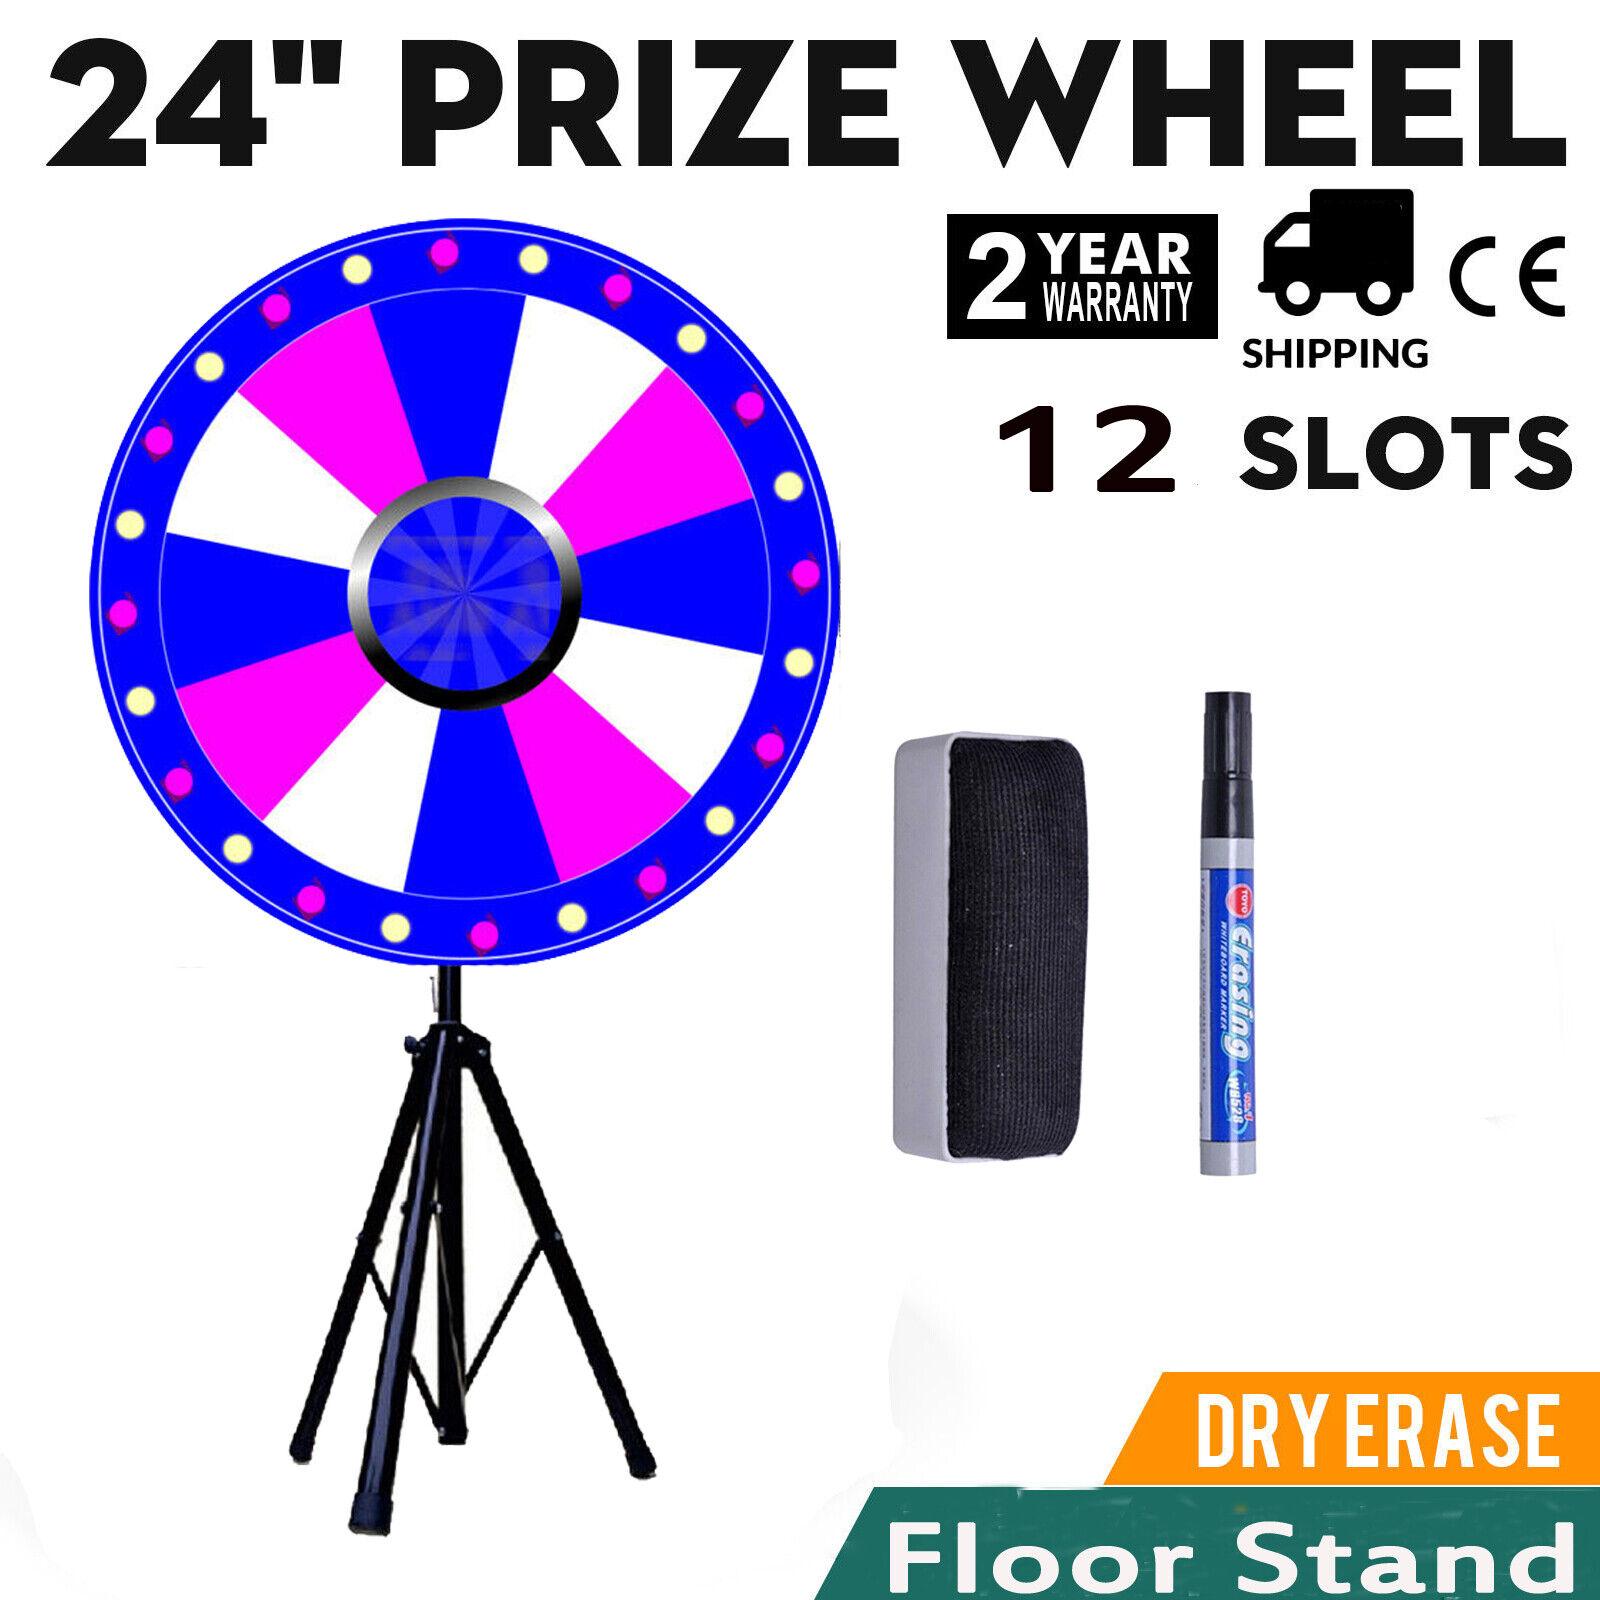 24   Roue de la fortune Jouet Couleur Roue loteries 12 Slots farbpreis les jeux de mots  achats en ligne et magasin de mode